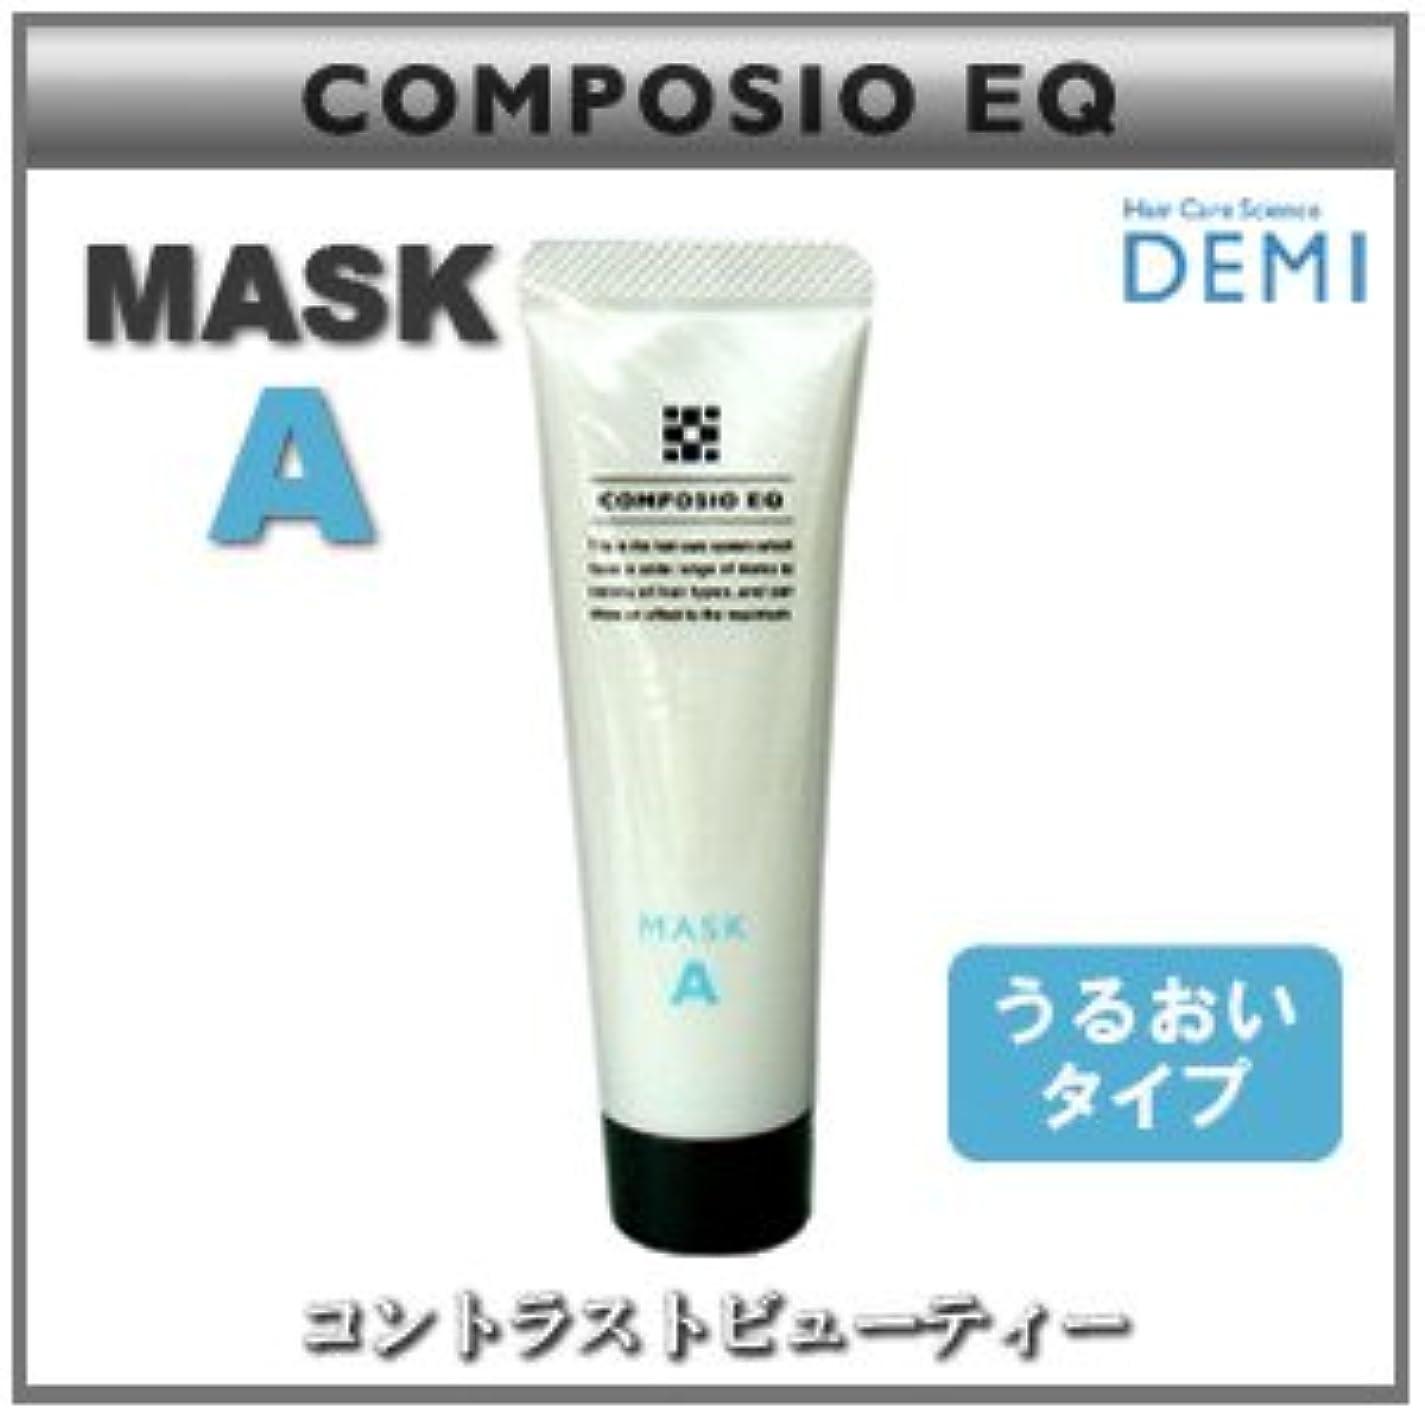 リサイクルする隣人打ち負かす【X5個セット】 デミ コンポジオ EQ マスク A 50g